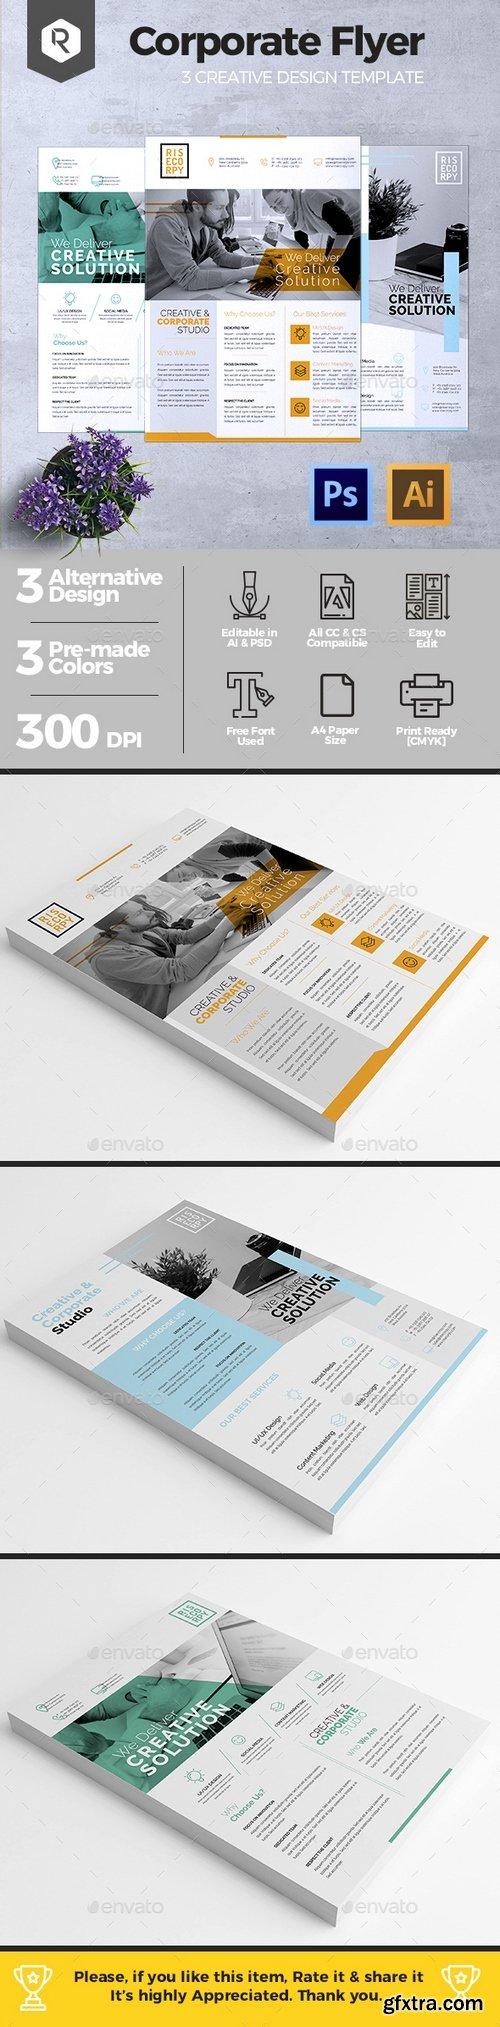 Graphicriver - Creative Corporate Flyer Vol. 02 20391929